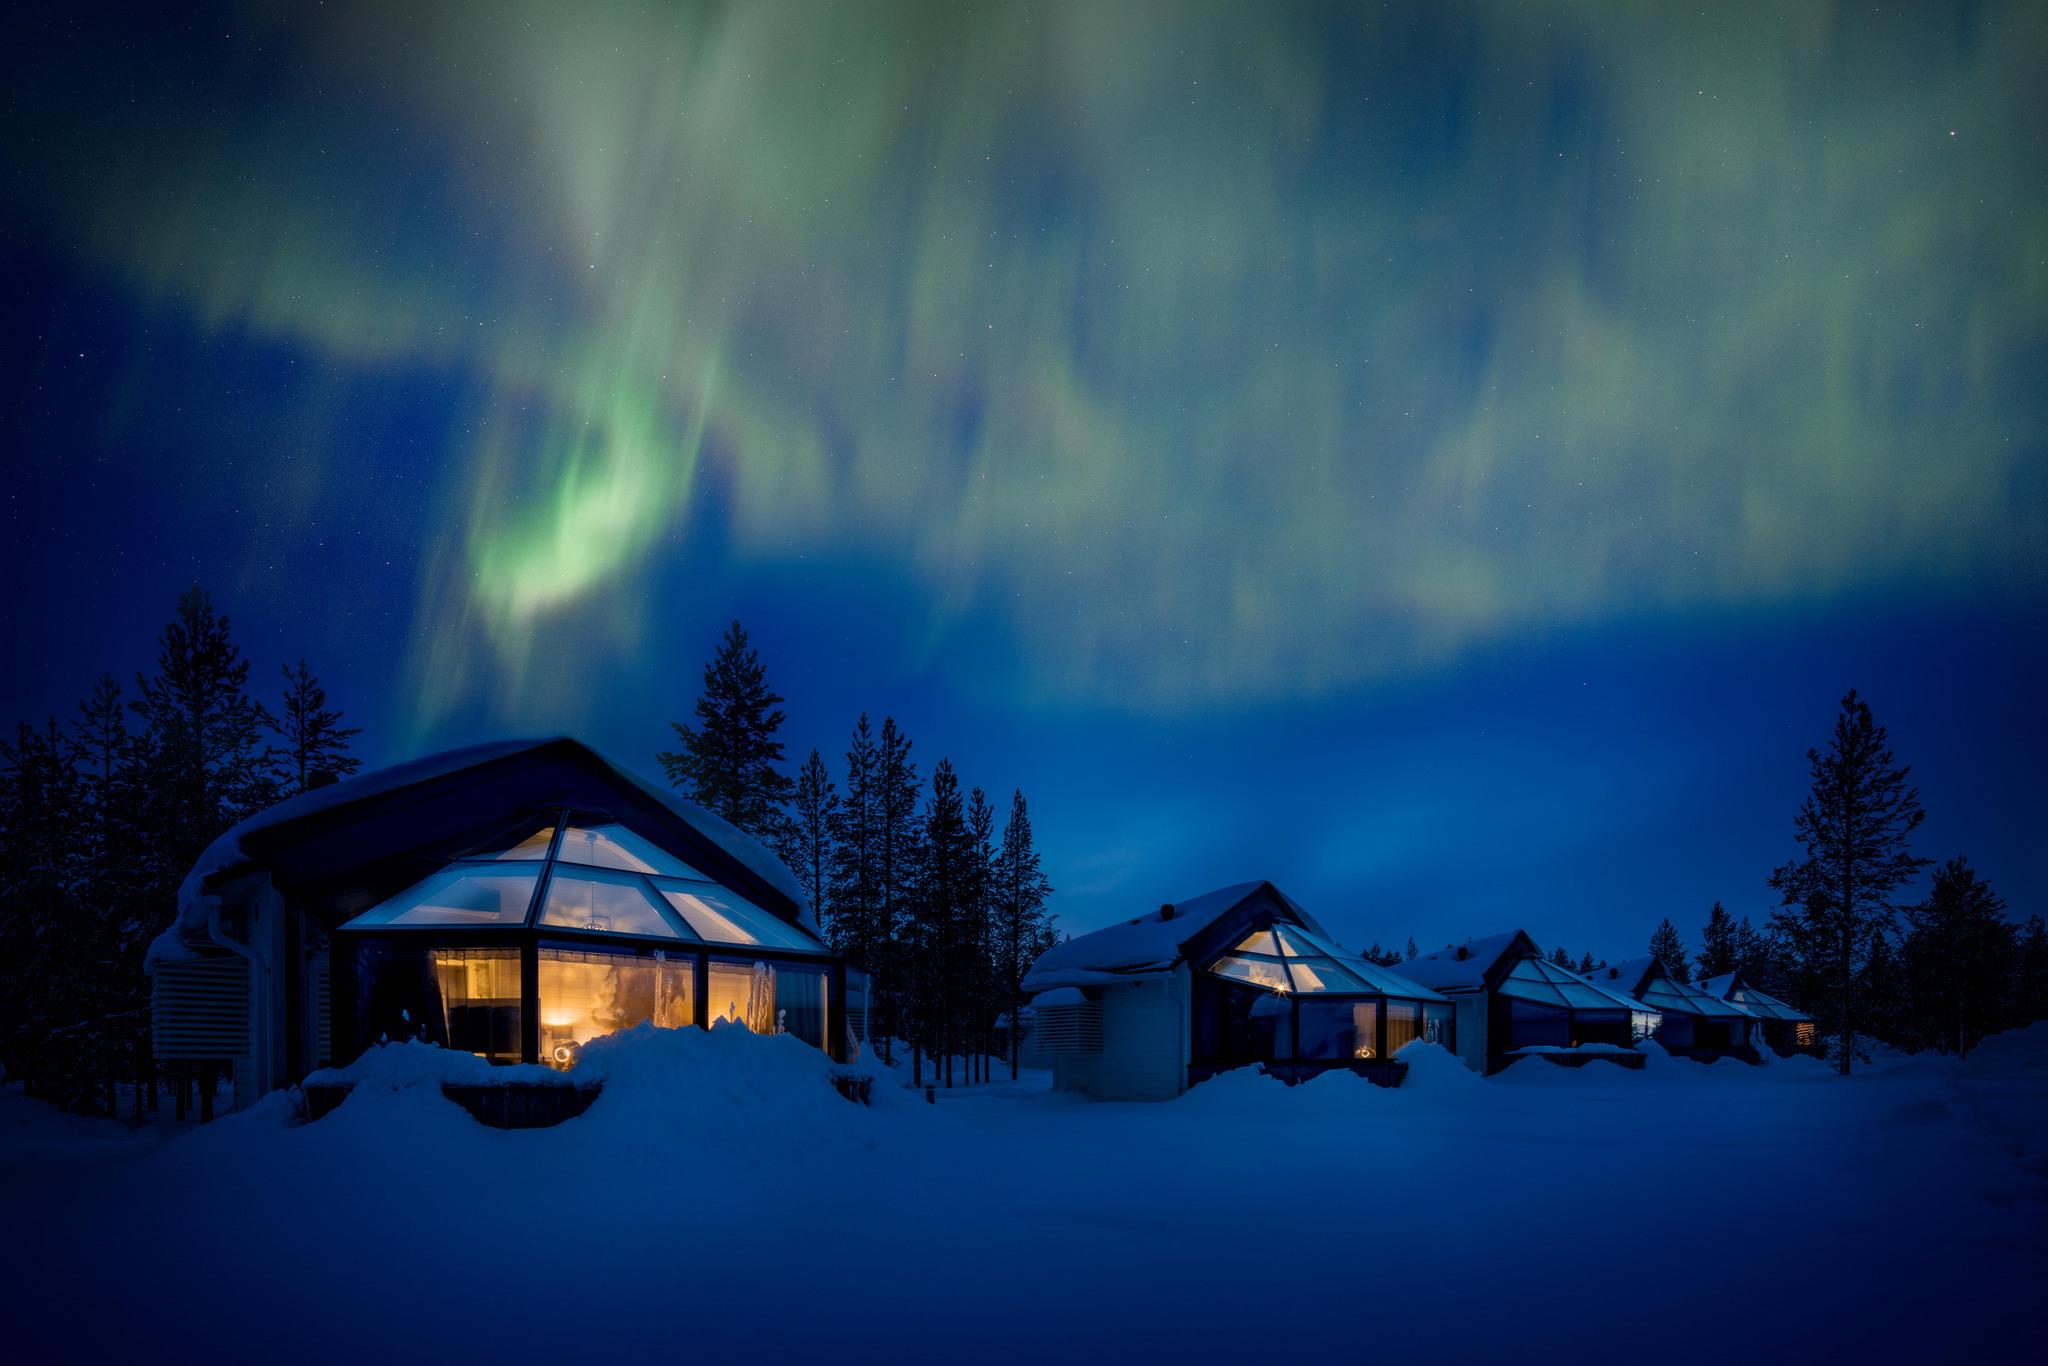 igloos aurora borealis.jpg